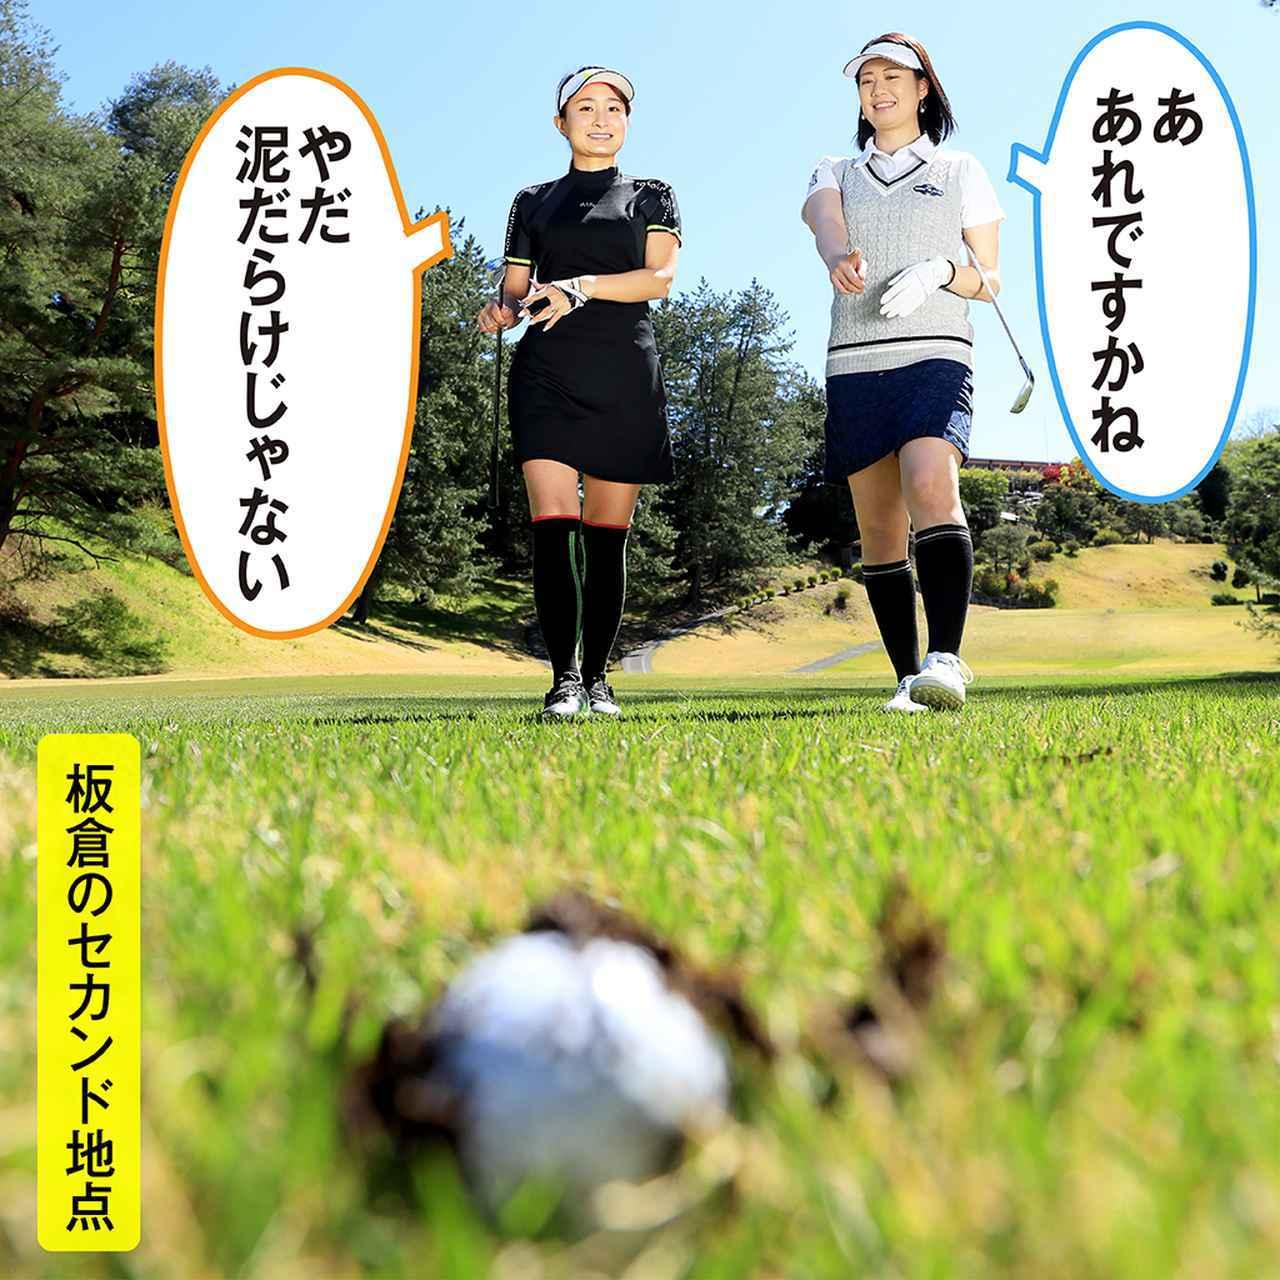 画像: 会員番号14 板倉由姫乃、会員番号52 須貝香菜美